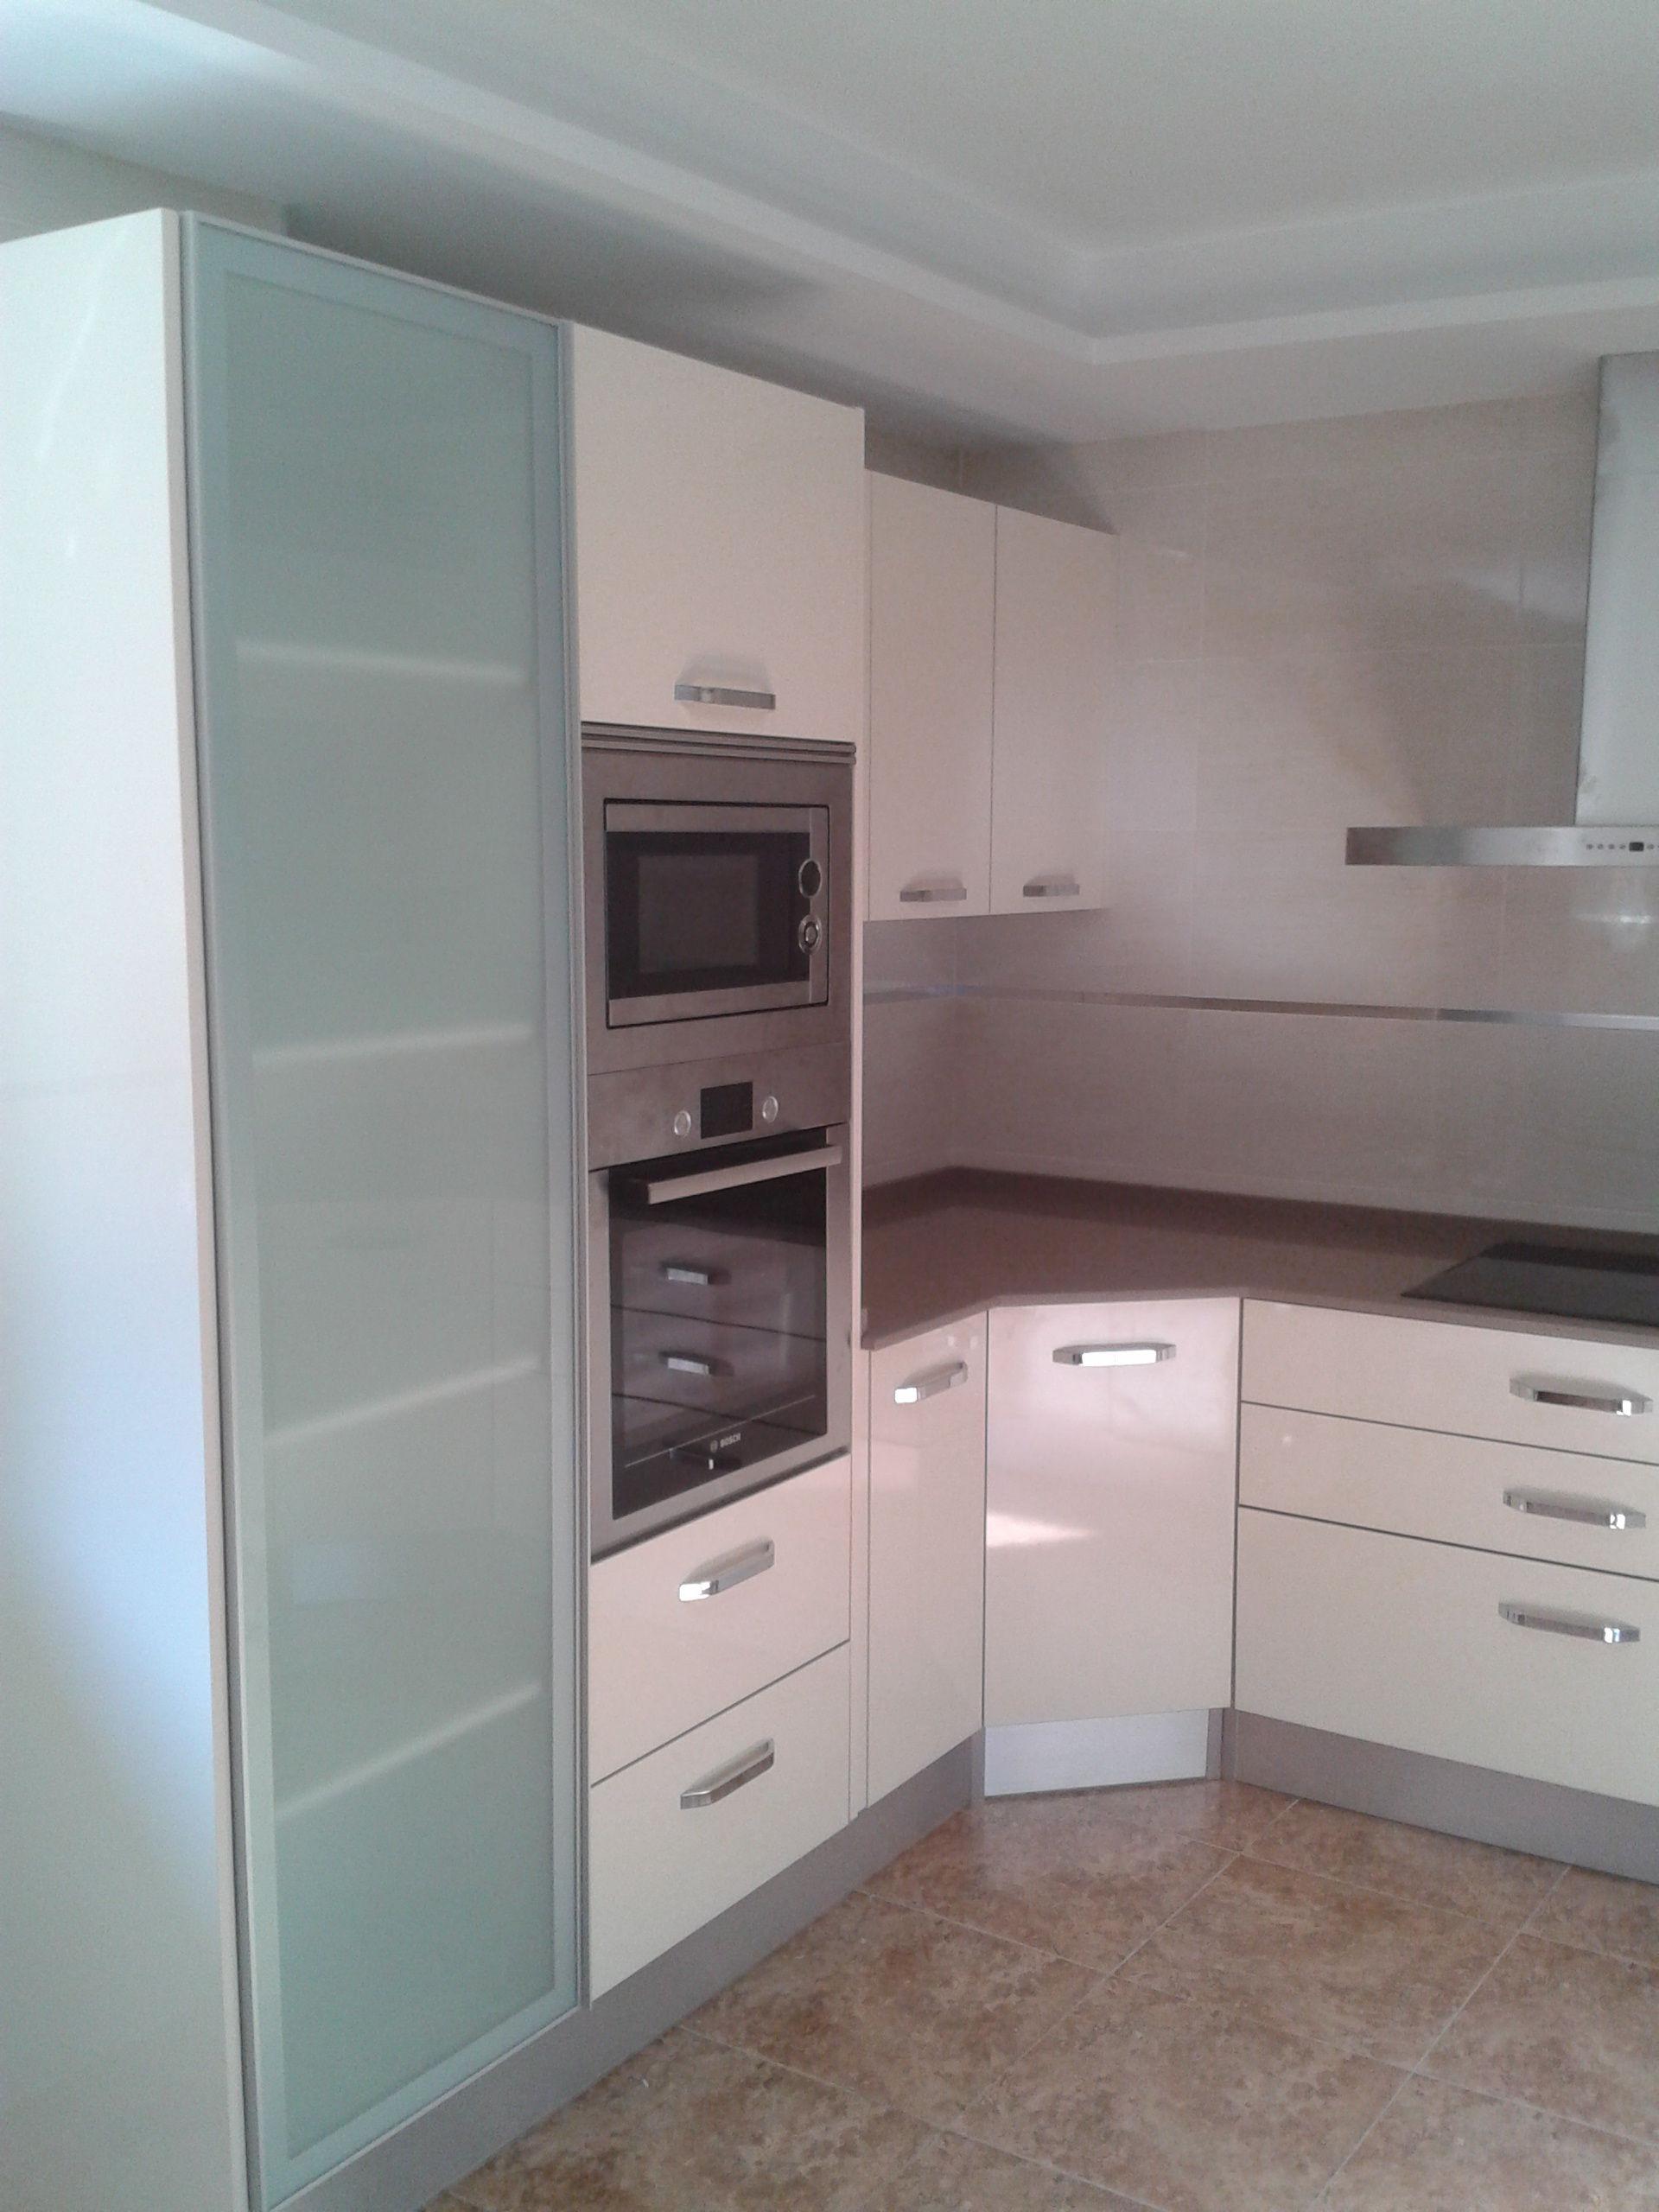 Foto 49 de muebles de ba o y cocina en lorca bano for Muebles gallery lorca